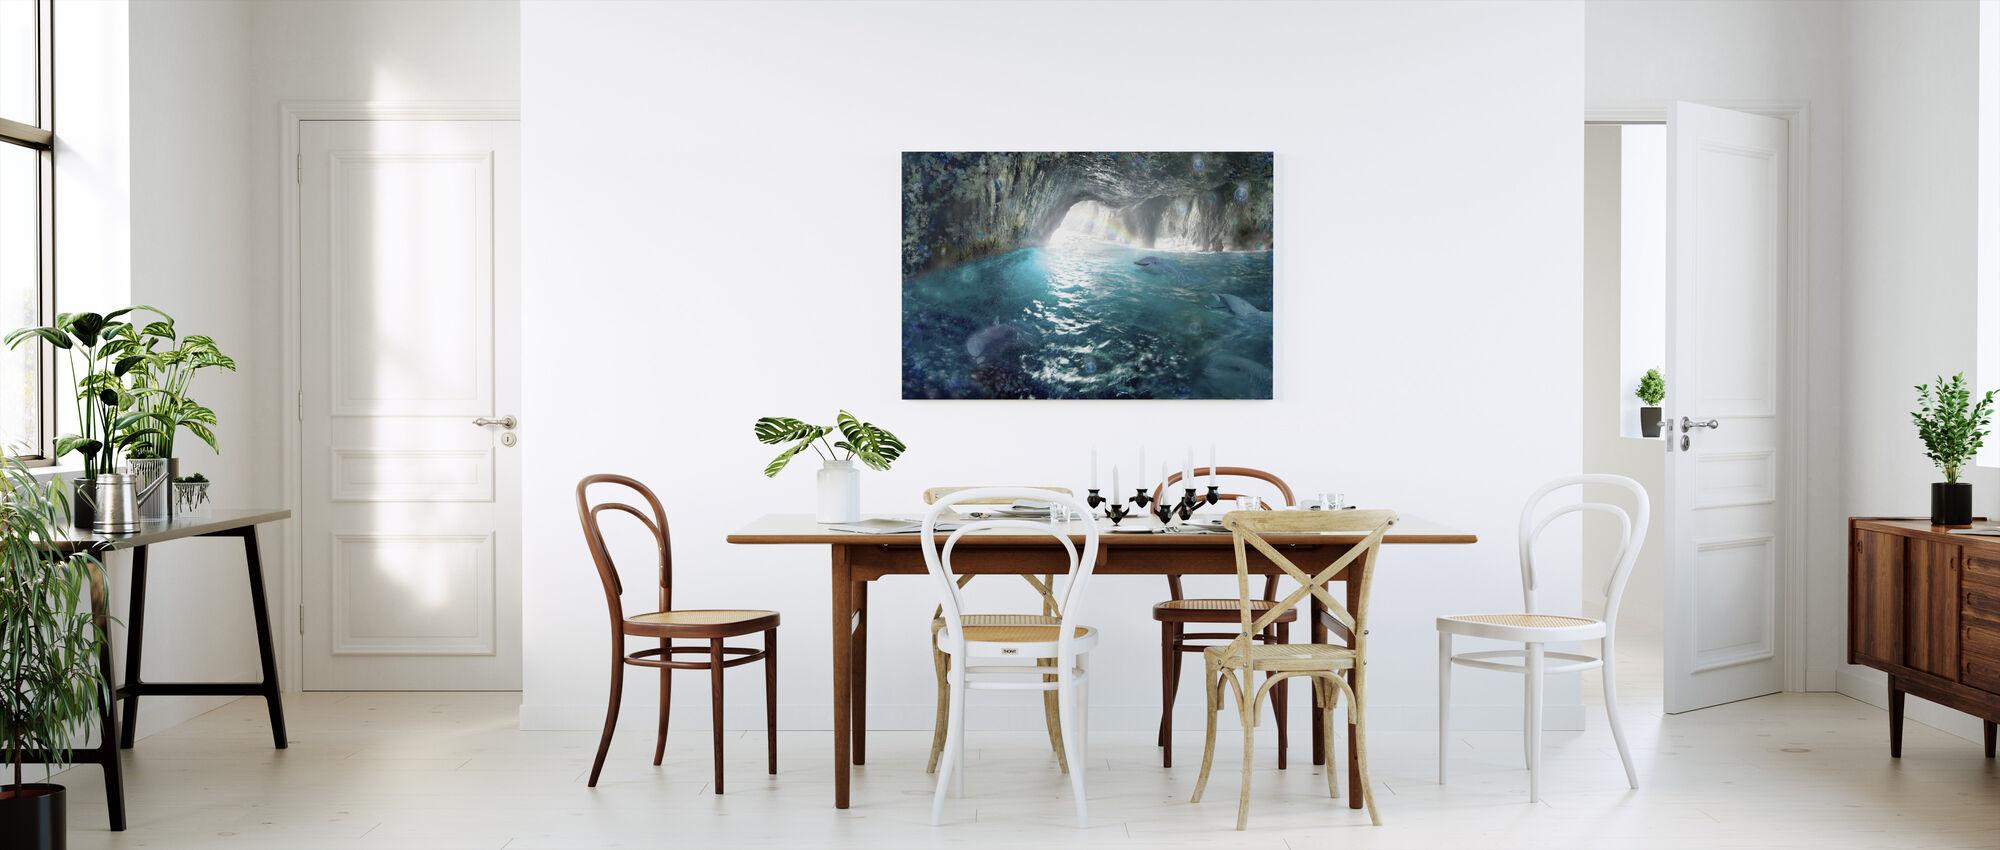 Delfin Seacave - Canvastavla - Kök